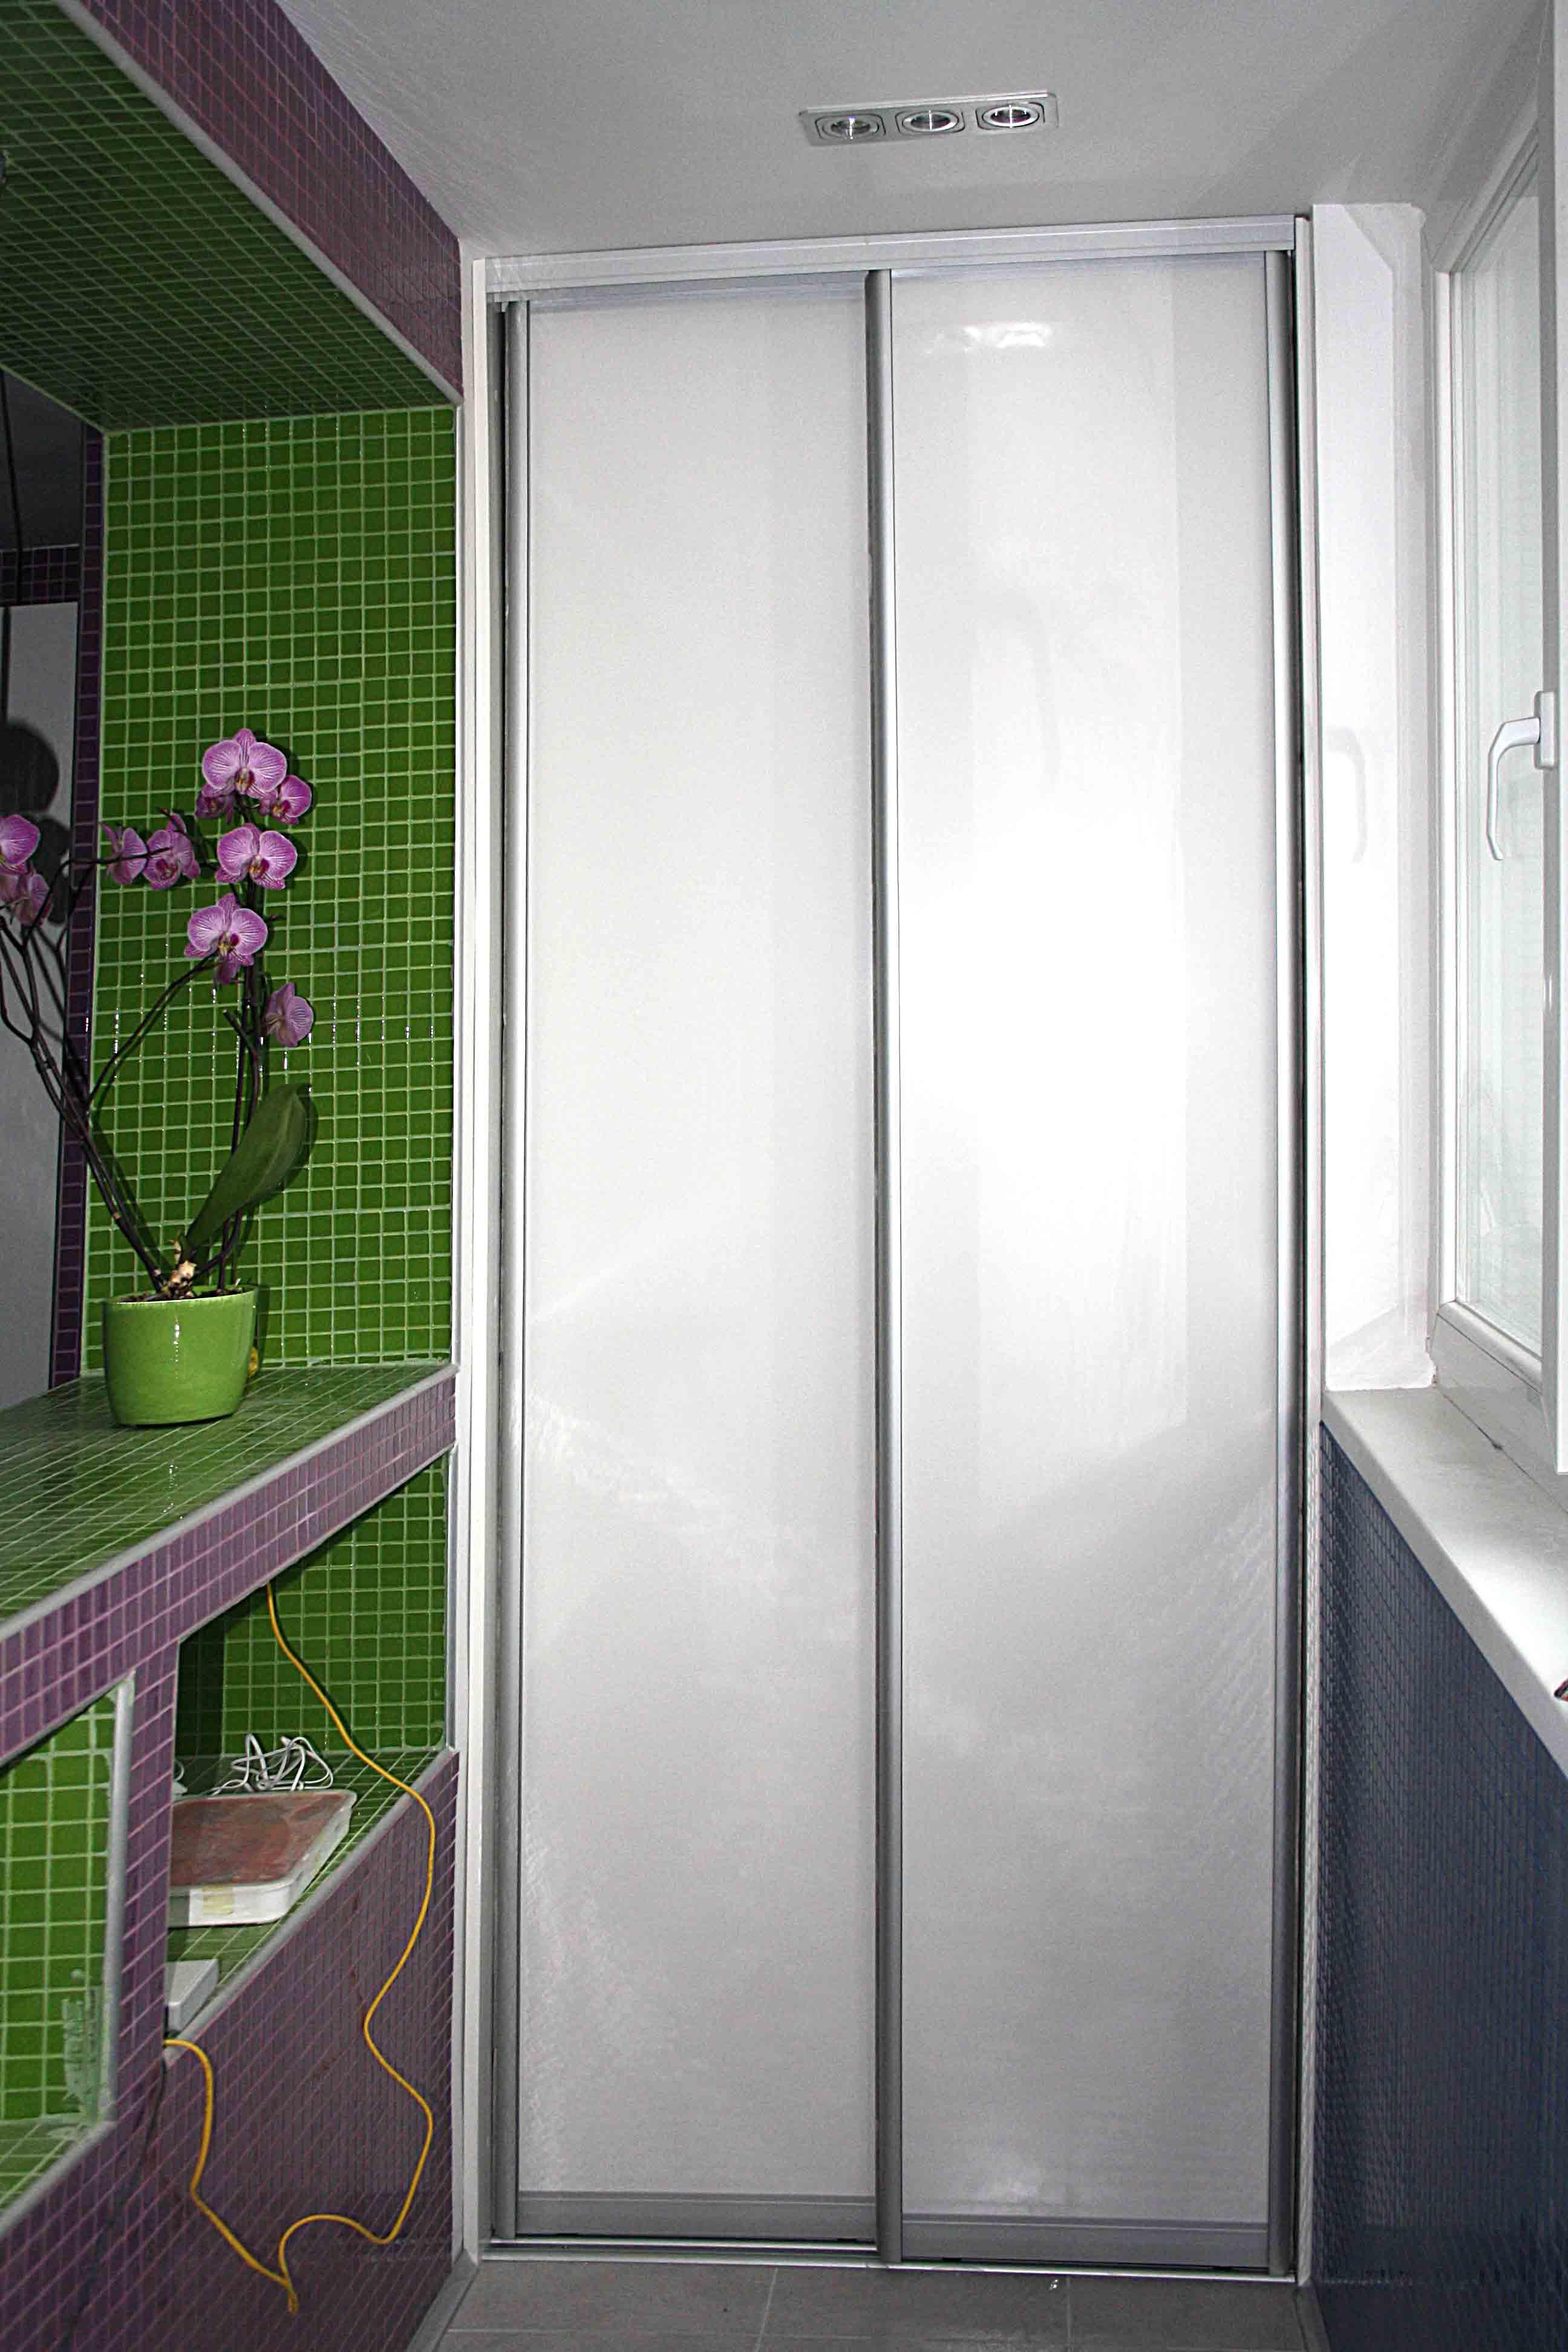 Шкафы на балконе дизайн фото своими руками схемы